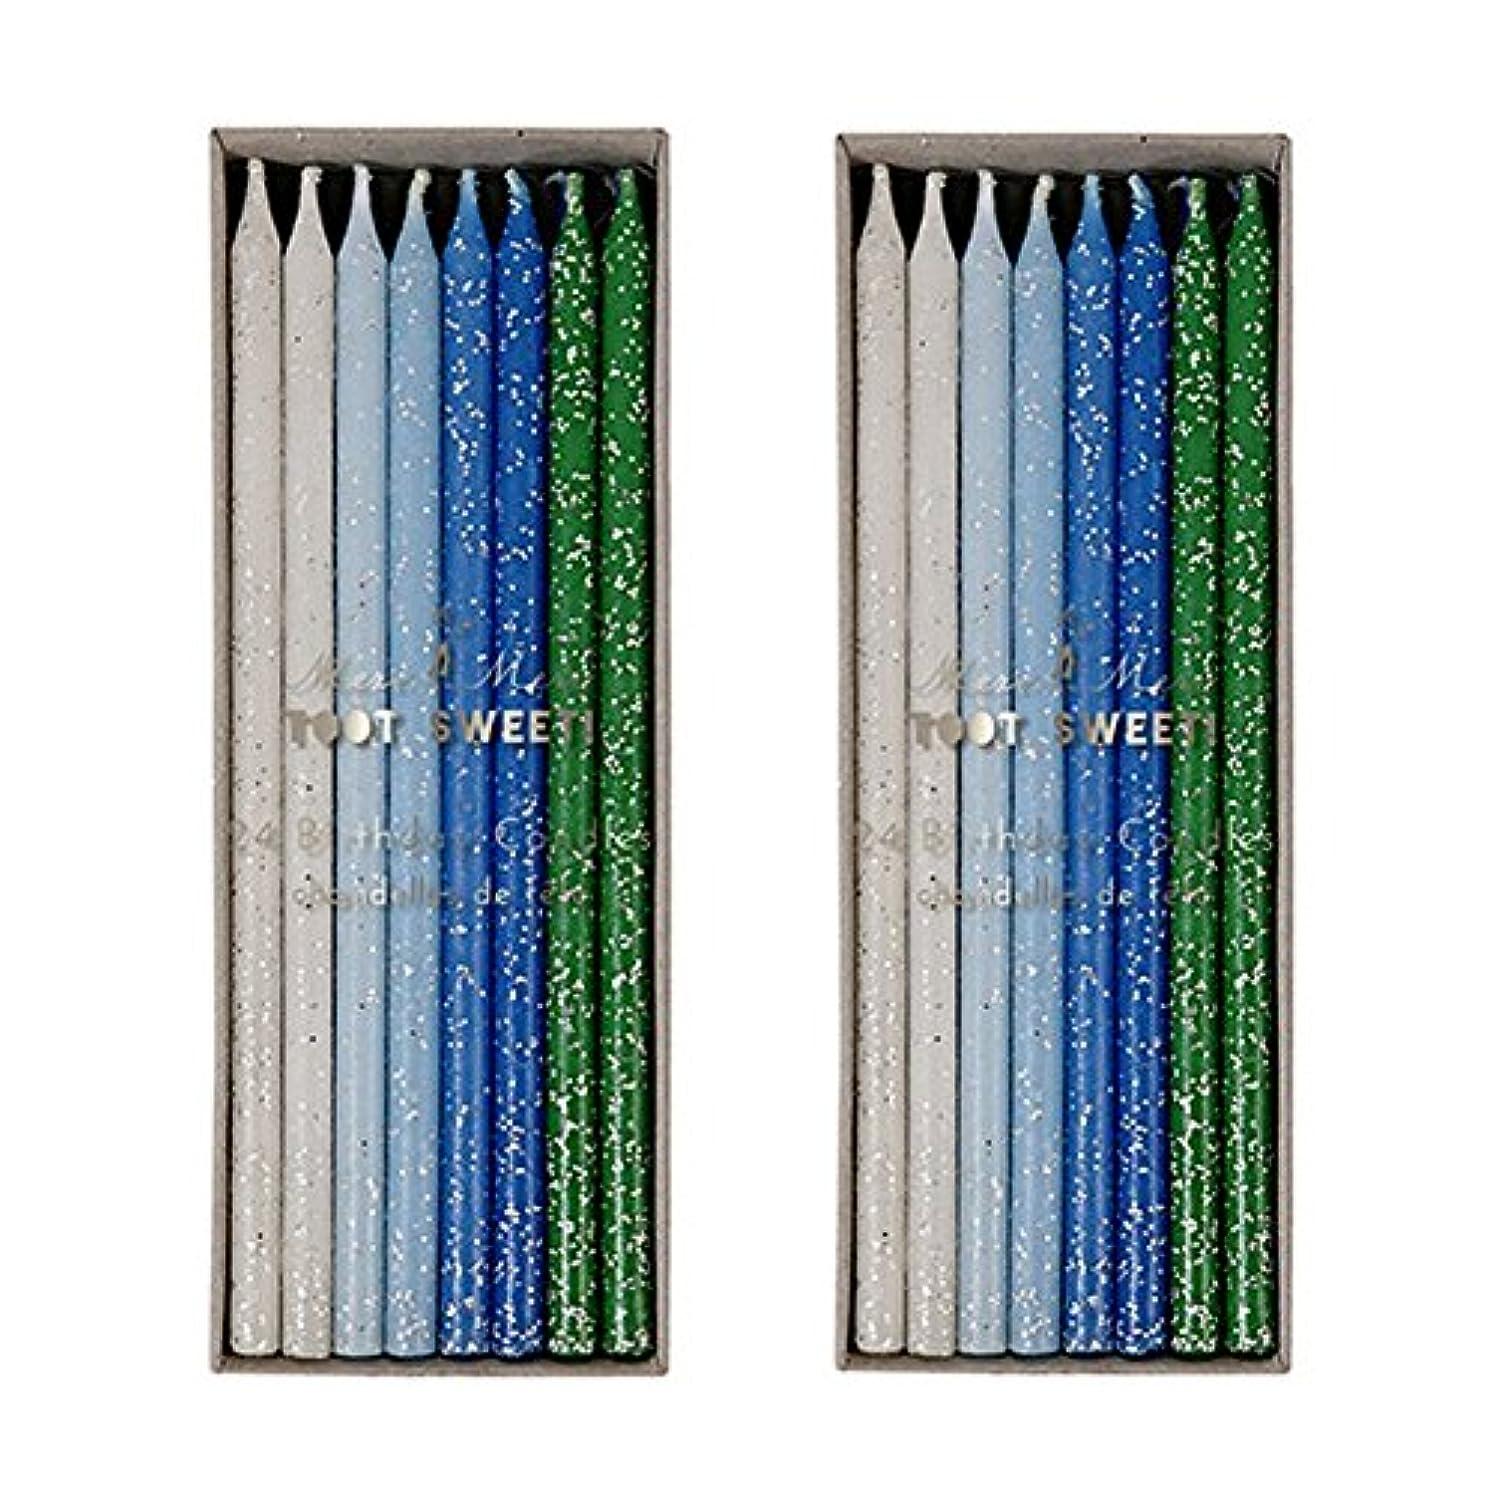 モトリー特定のプラットフォームMeri Meri Birthday Candles 2つpack-48キャンドル ブルー